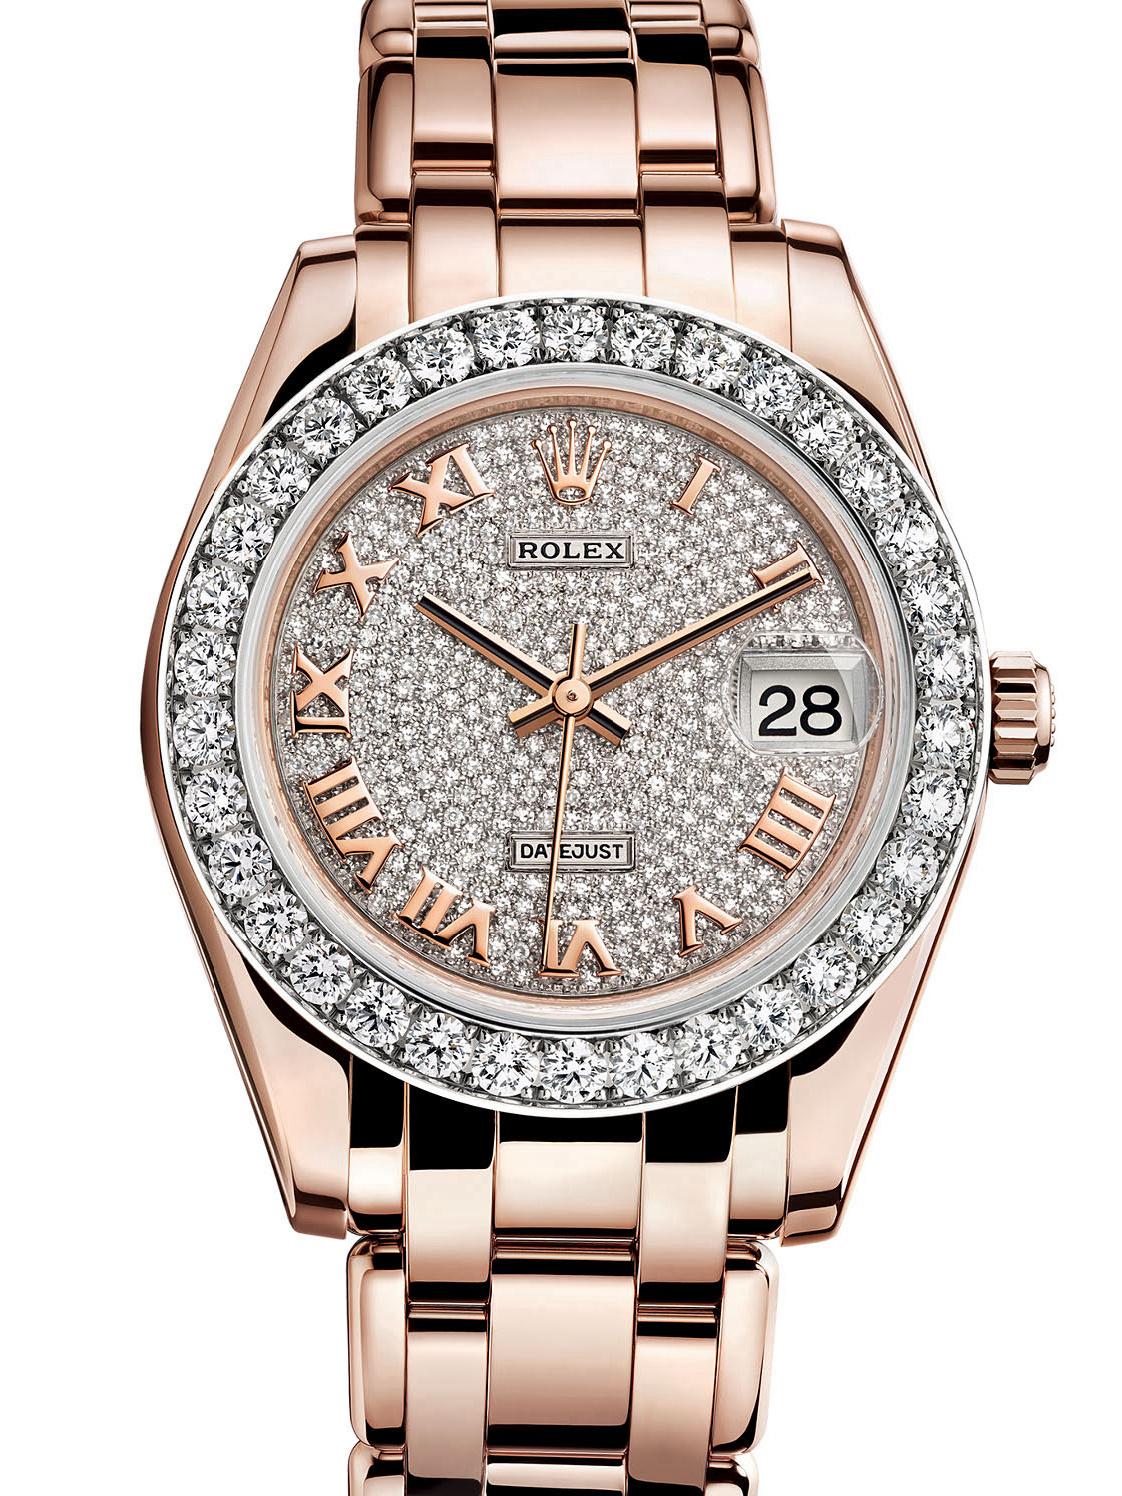 劳力士珍珠淑女型34玫瑰金钻圈钻面女表81285-0012